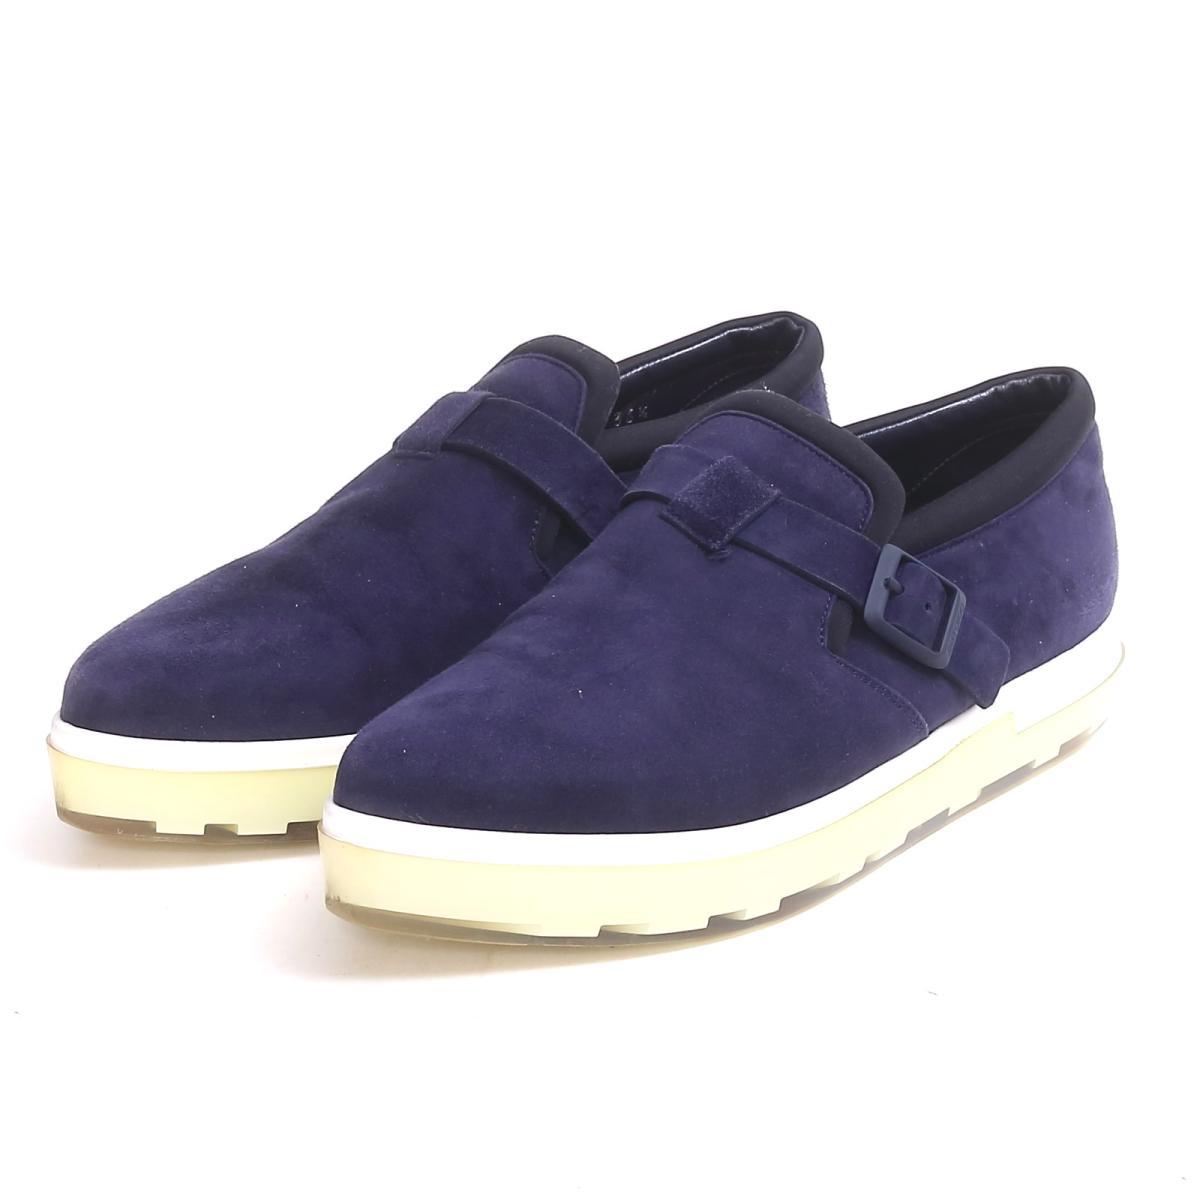 【中古】 ジミーチュウ スニーカー 靴 レディース スエード ネイビー x ホワイト | JIMMY CHOO くつ 靴 スニーカー 美品 ブランドオフ BRANDOFF